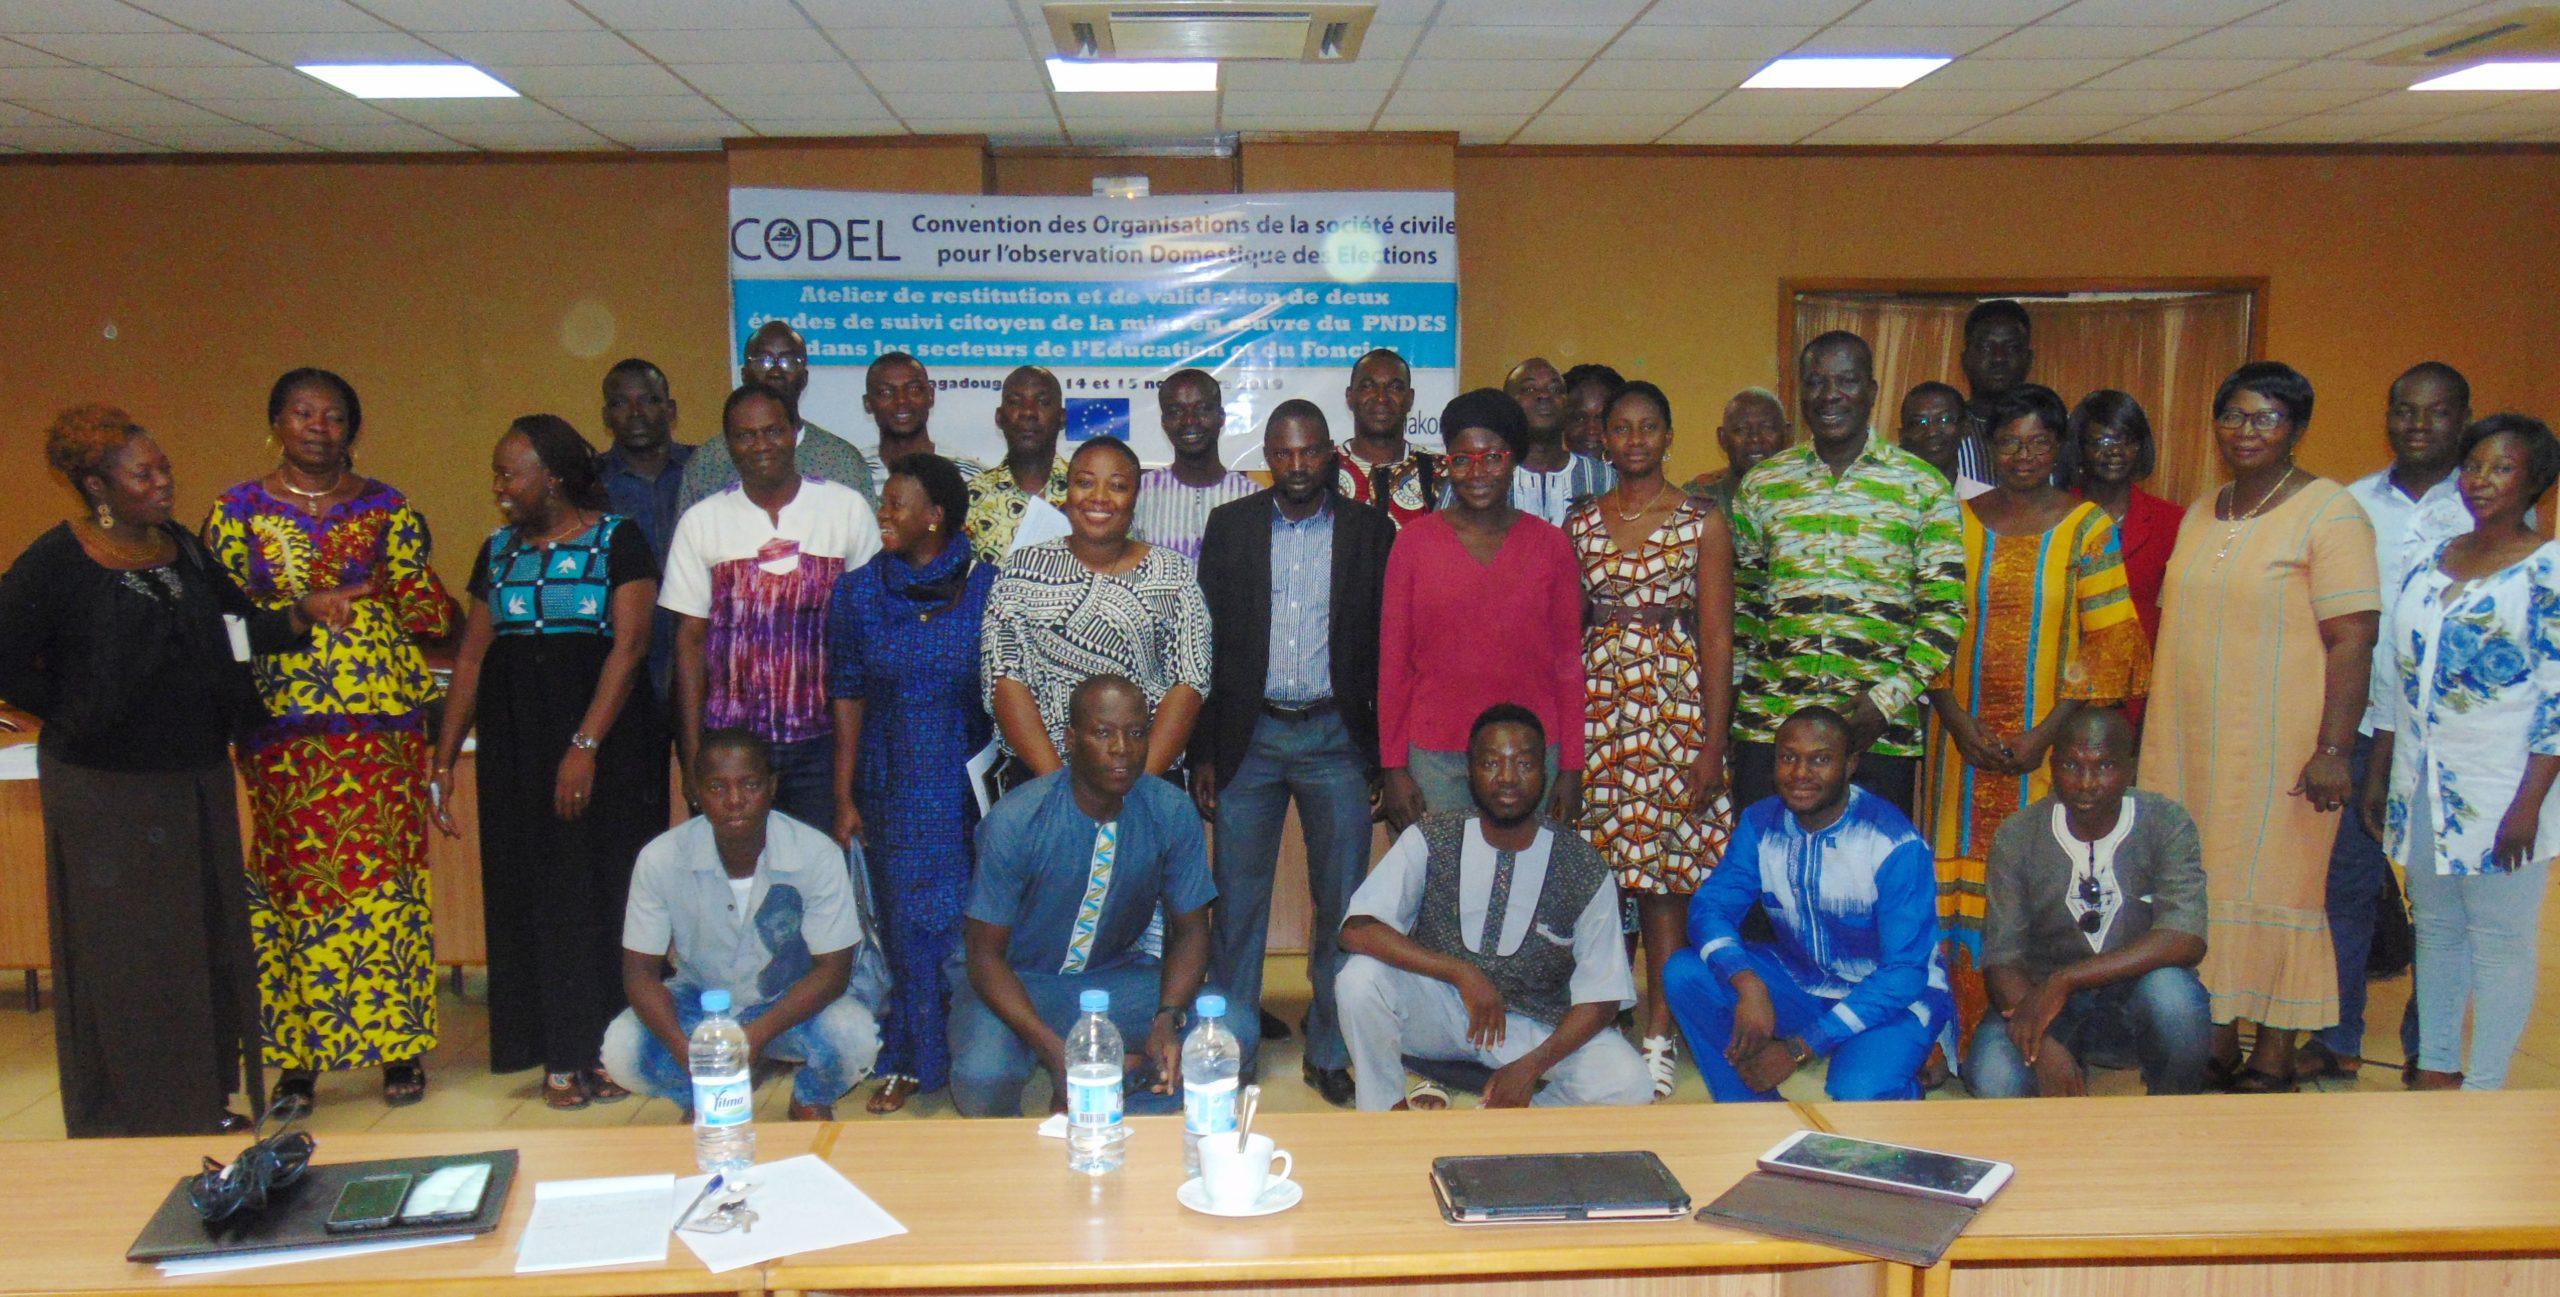 Suivi citoyen des politiques publiques : La CODEL fait la veille dans les secteurs du foncier et de l'éducation.